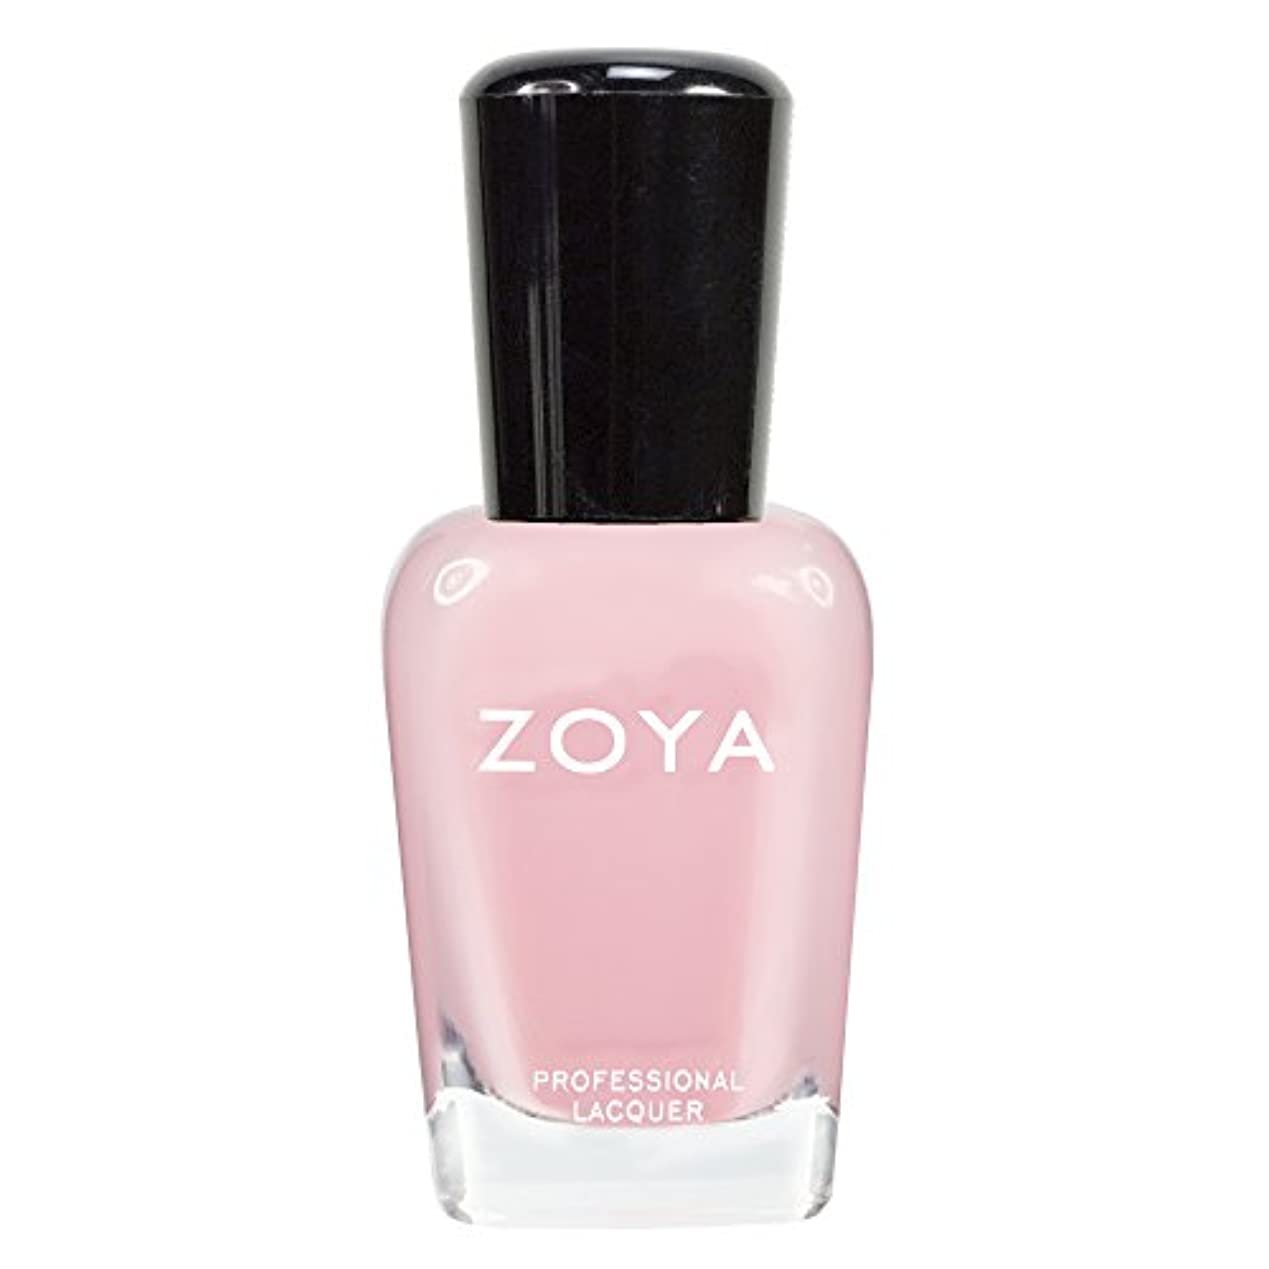 無し鋭くベーシックZOYA ゾーヤ ネイルカラーZP433 LAURIE ローリー 15ml 可愛く色づく桜の花ようなピンク シアー/クリーム 爪にやさしいネイルラッカーマニキュア